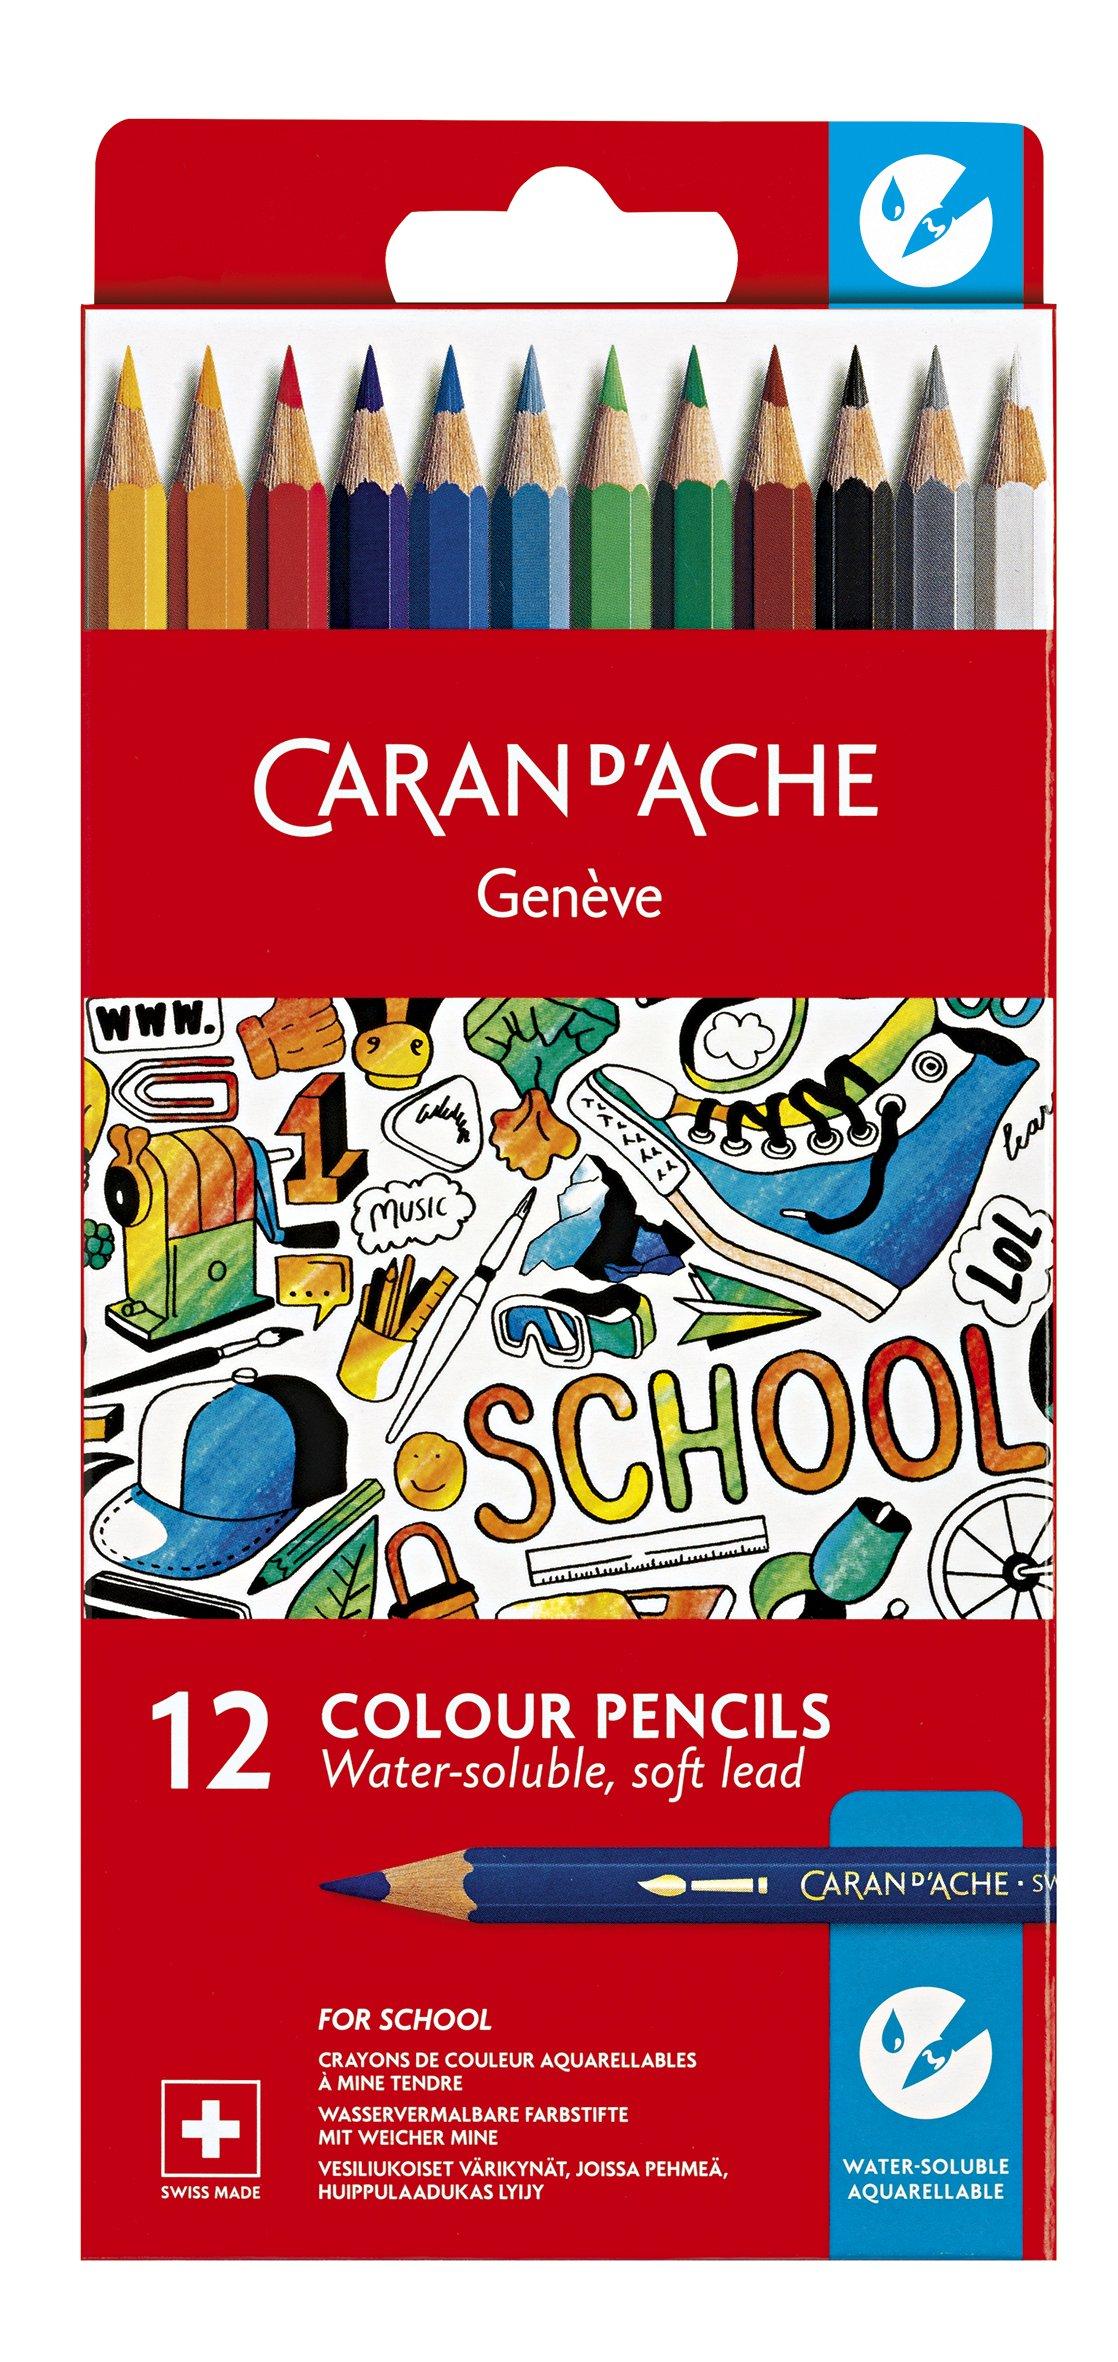 Caran d'Ache School Line Water-soluble Color Pencils, 12 Colors